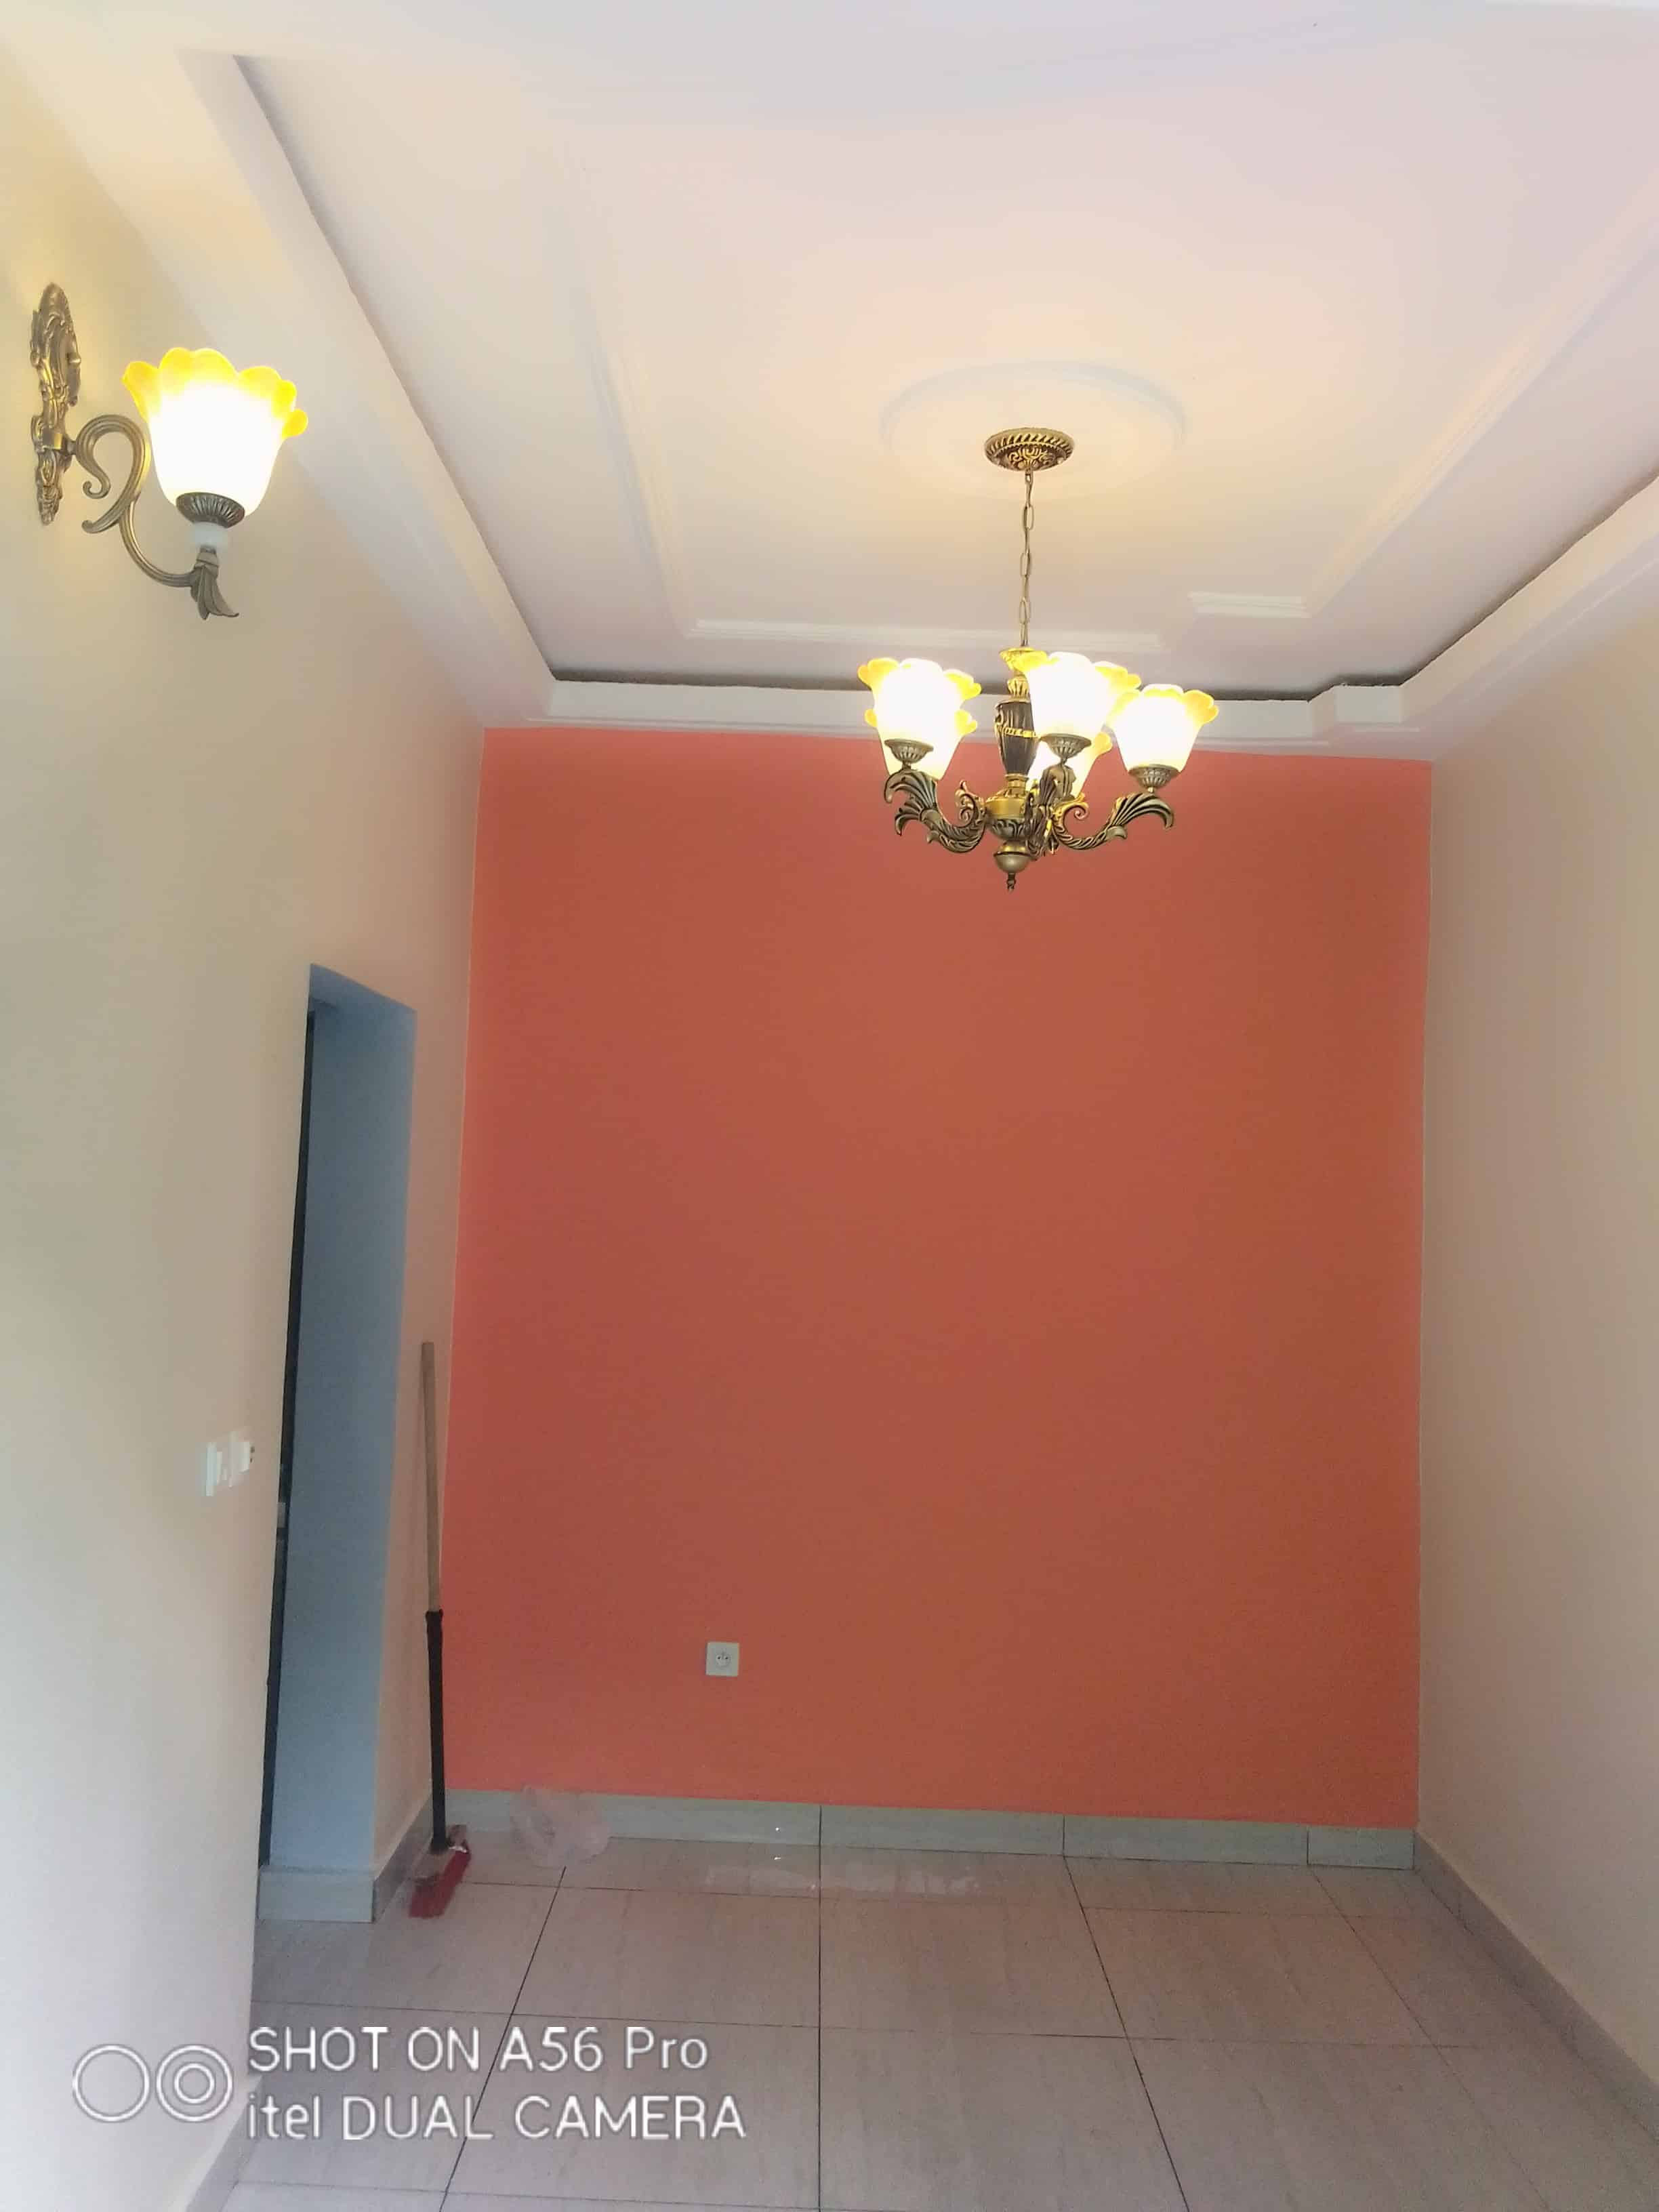 Appartement à louer - Douala, Logpom, Carrefour basson - 1 salon(s), 1 chambre(s), 1 salle(s) de bains - 75 000 FCFA / mois